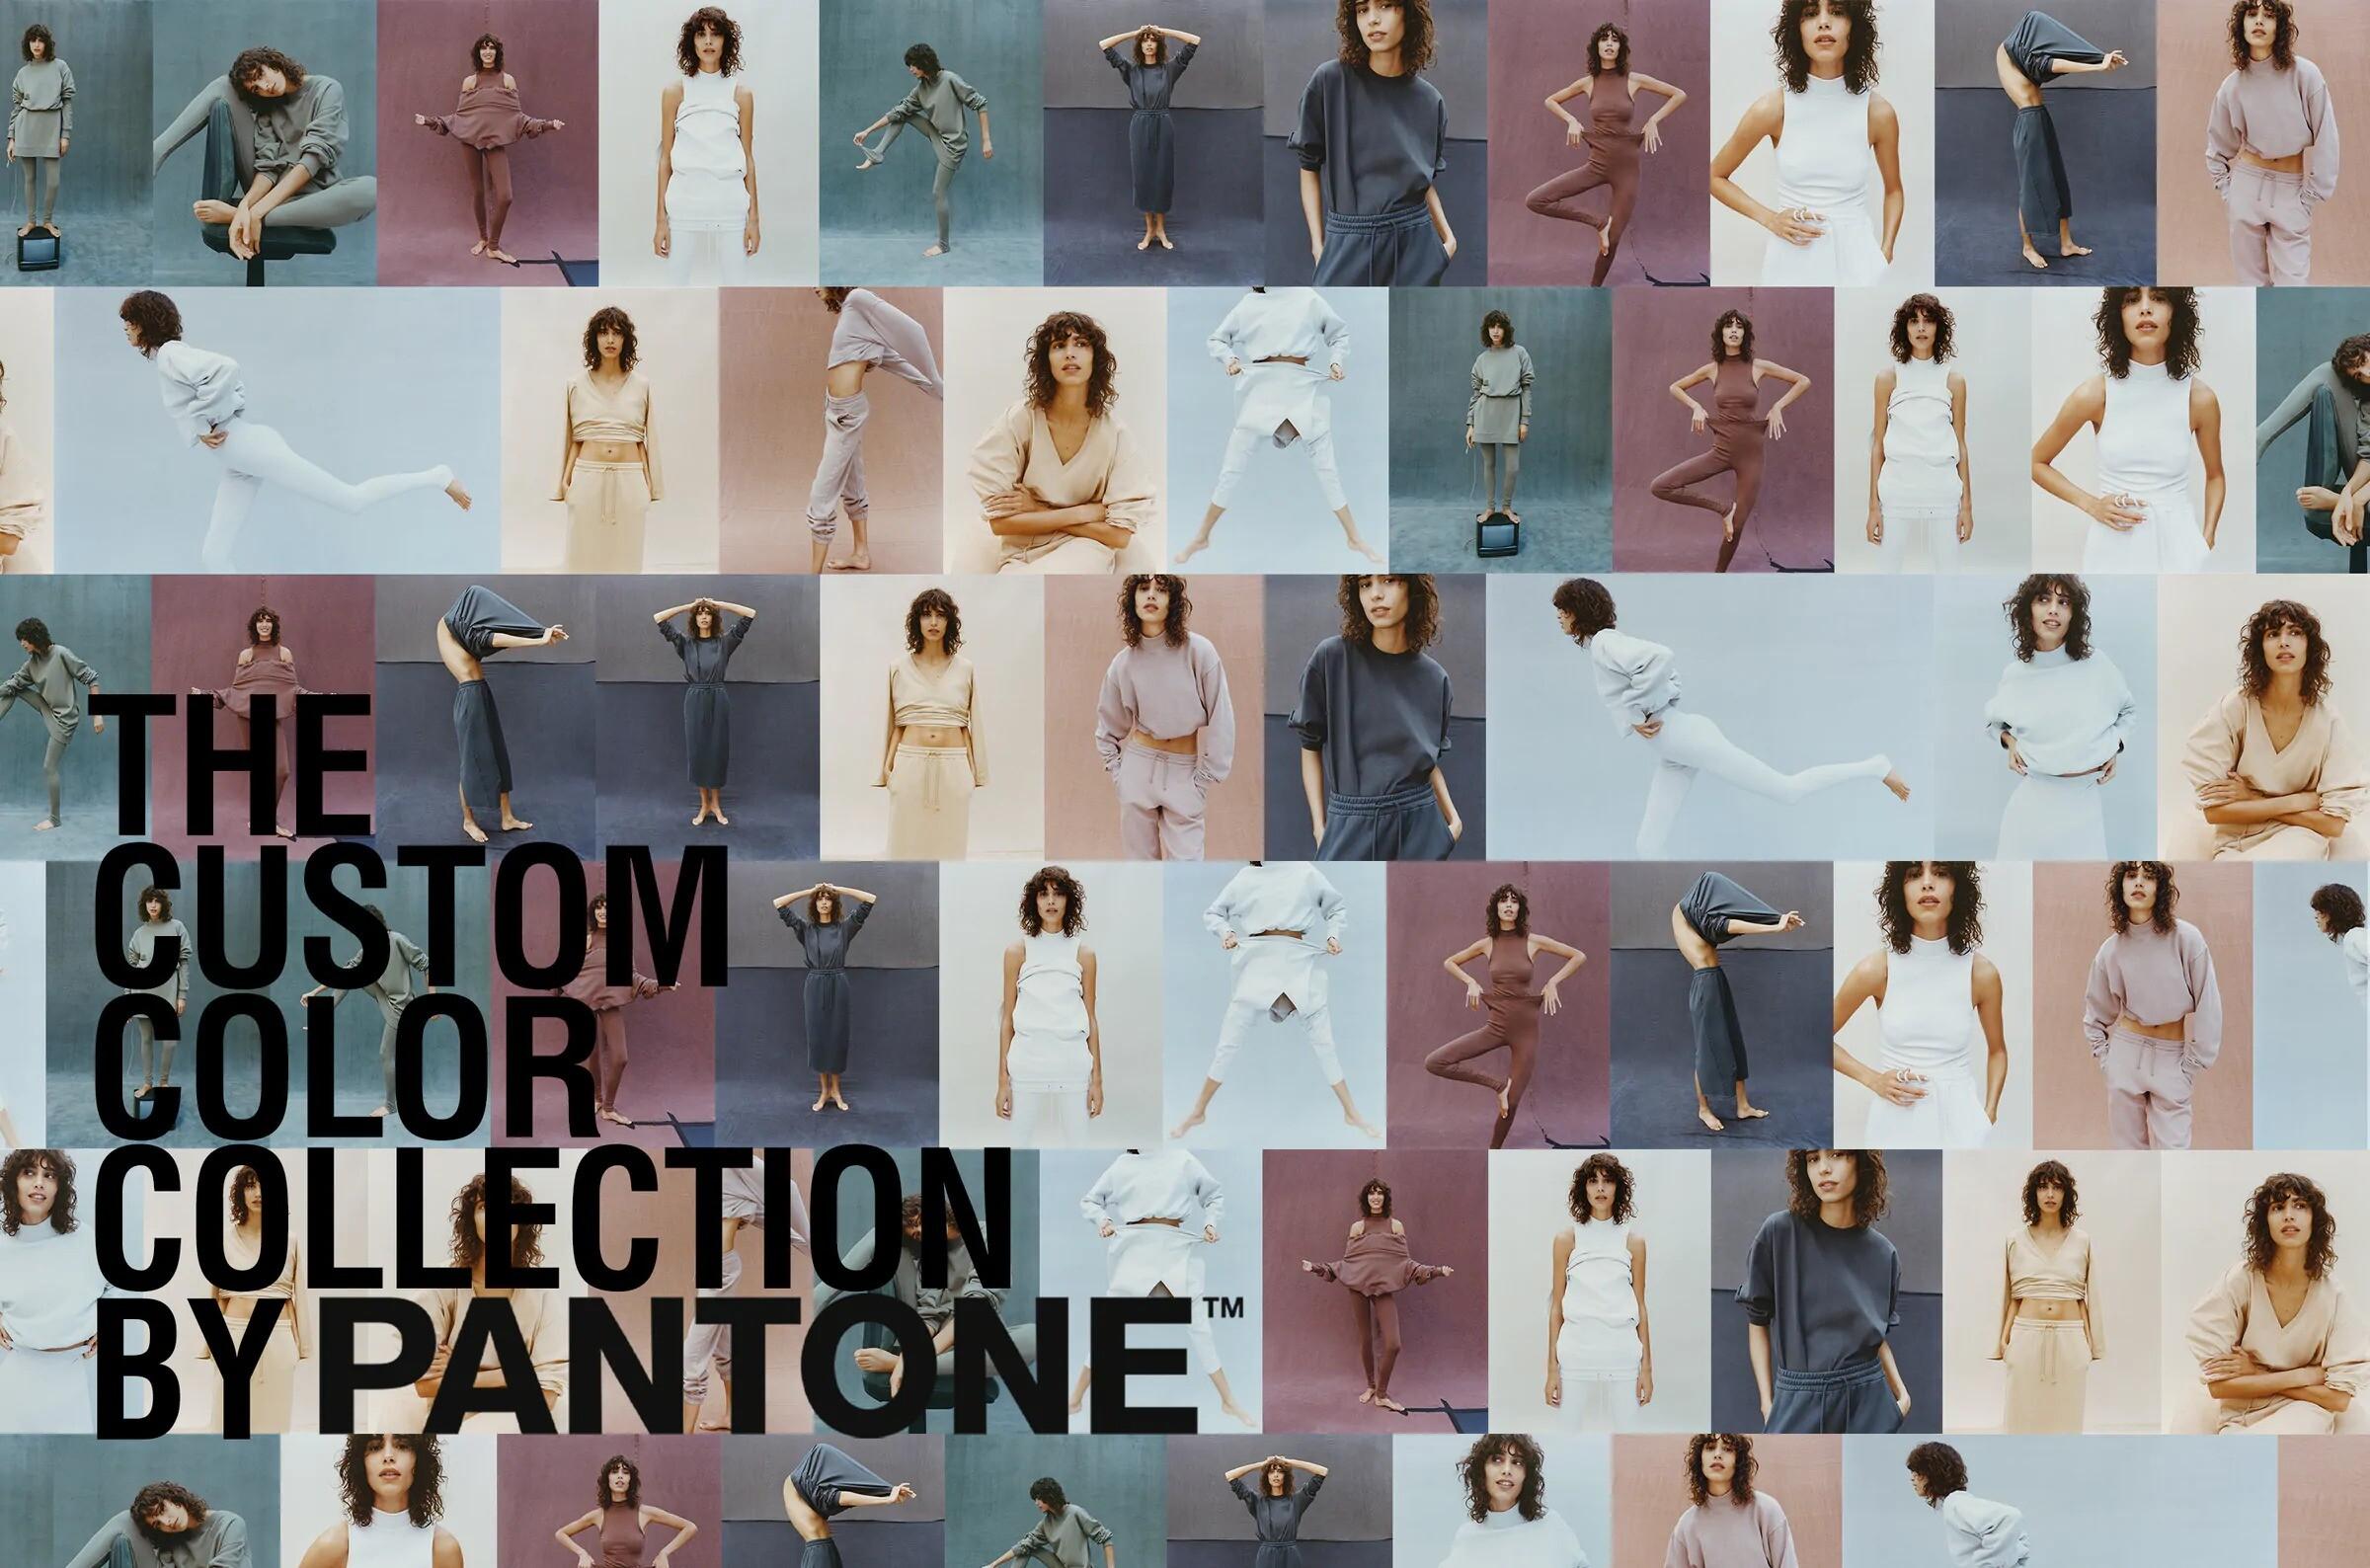 Así es la colección de chándals de Zara junto a Pantone